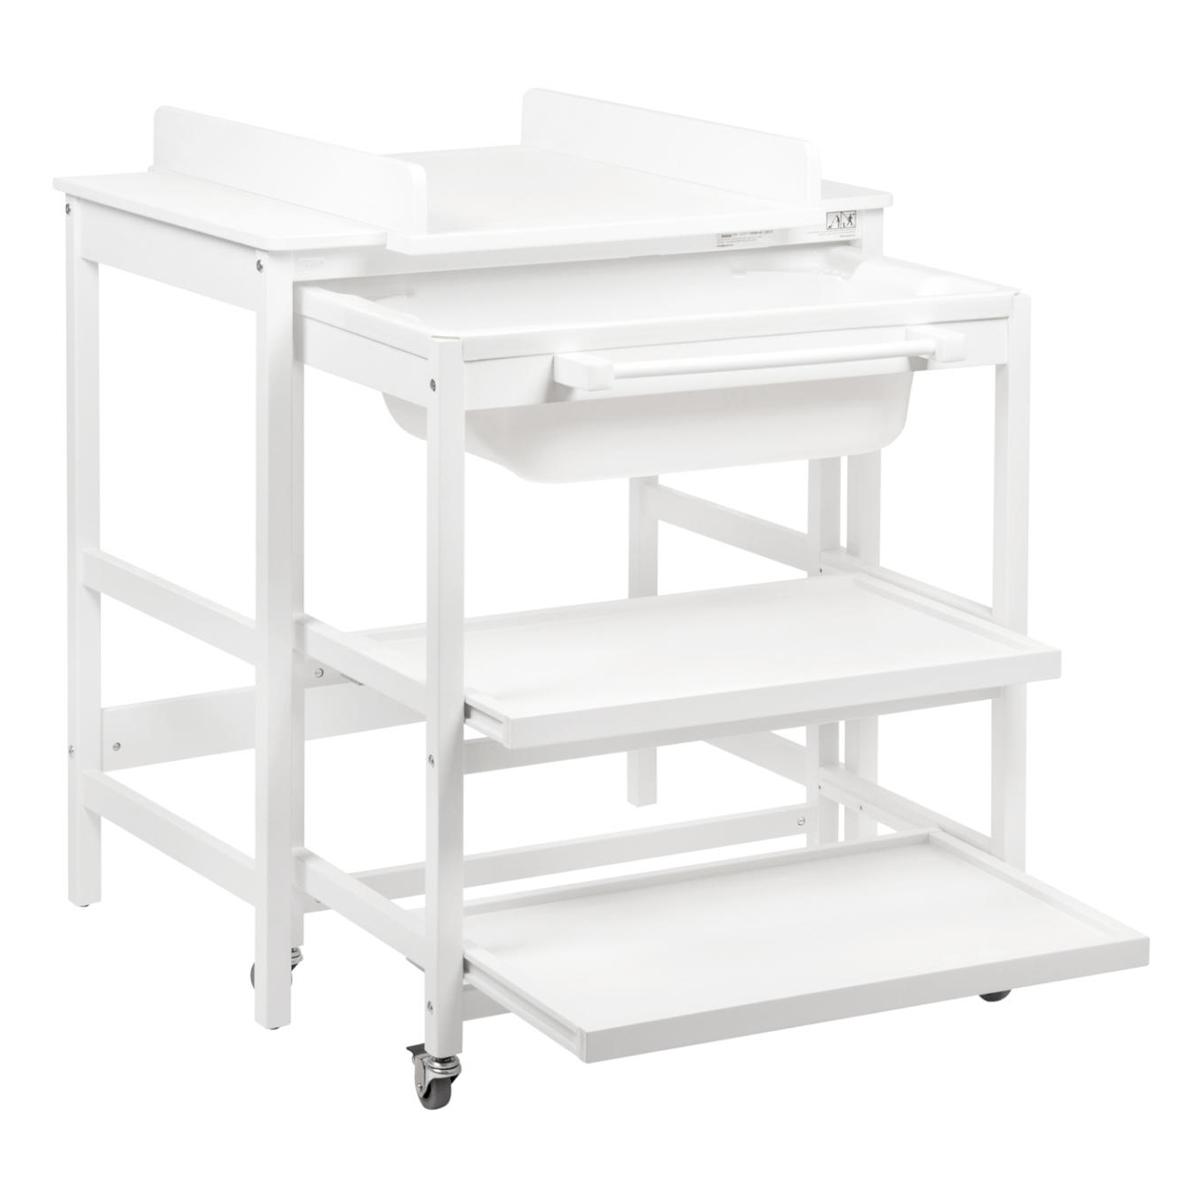 Table à langer Meuble de Bain Smart Confort - Blanc Meuble de Bain Smart Confort - Blanc